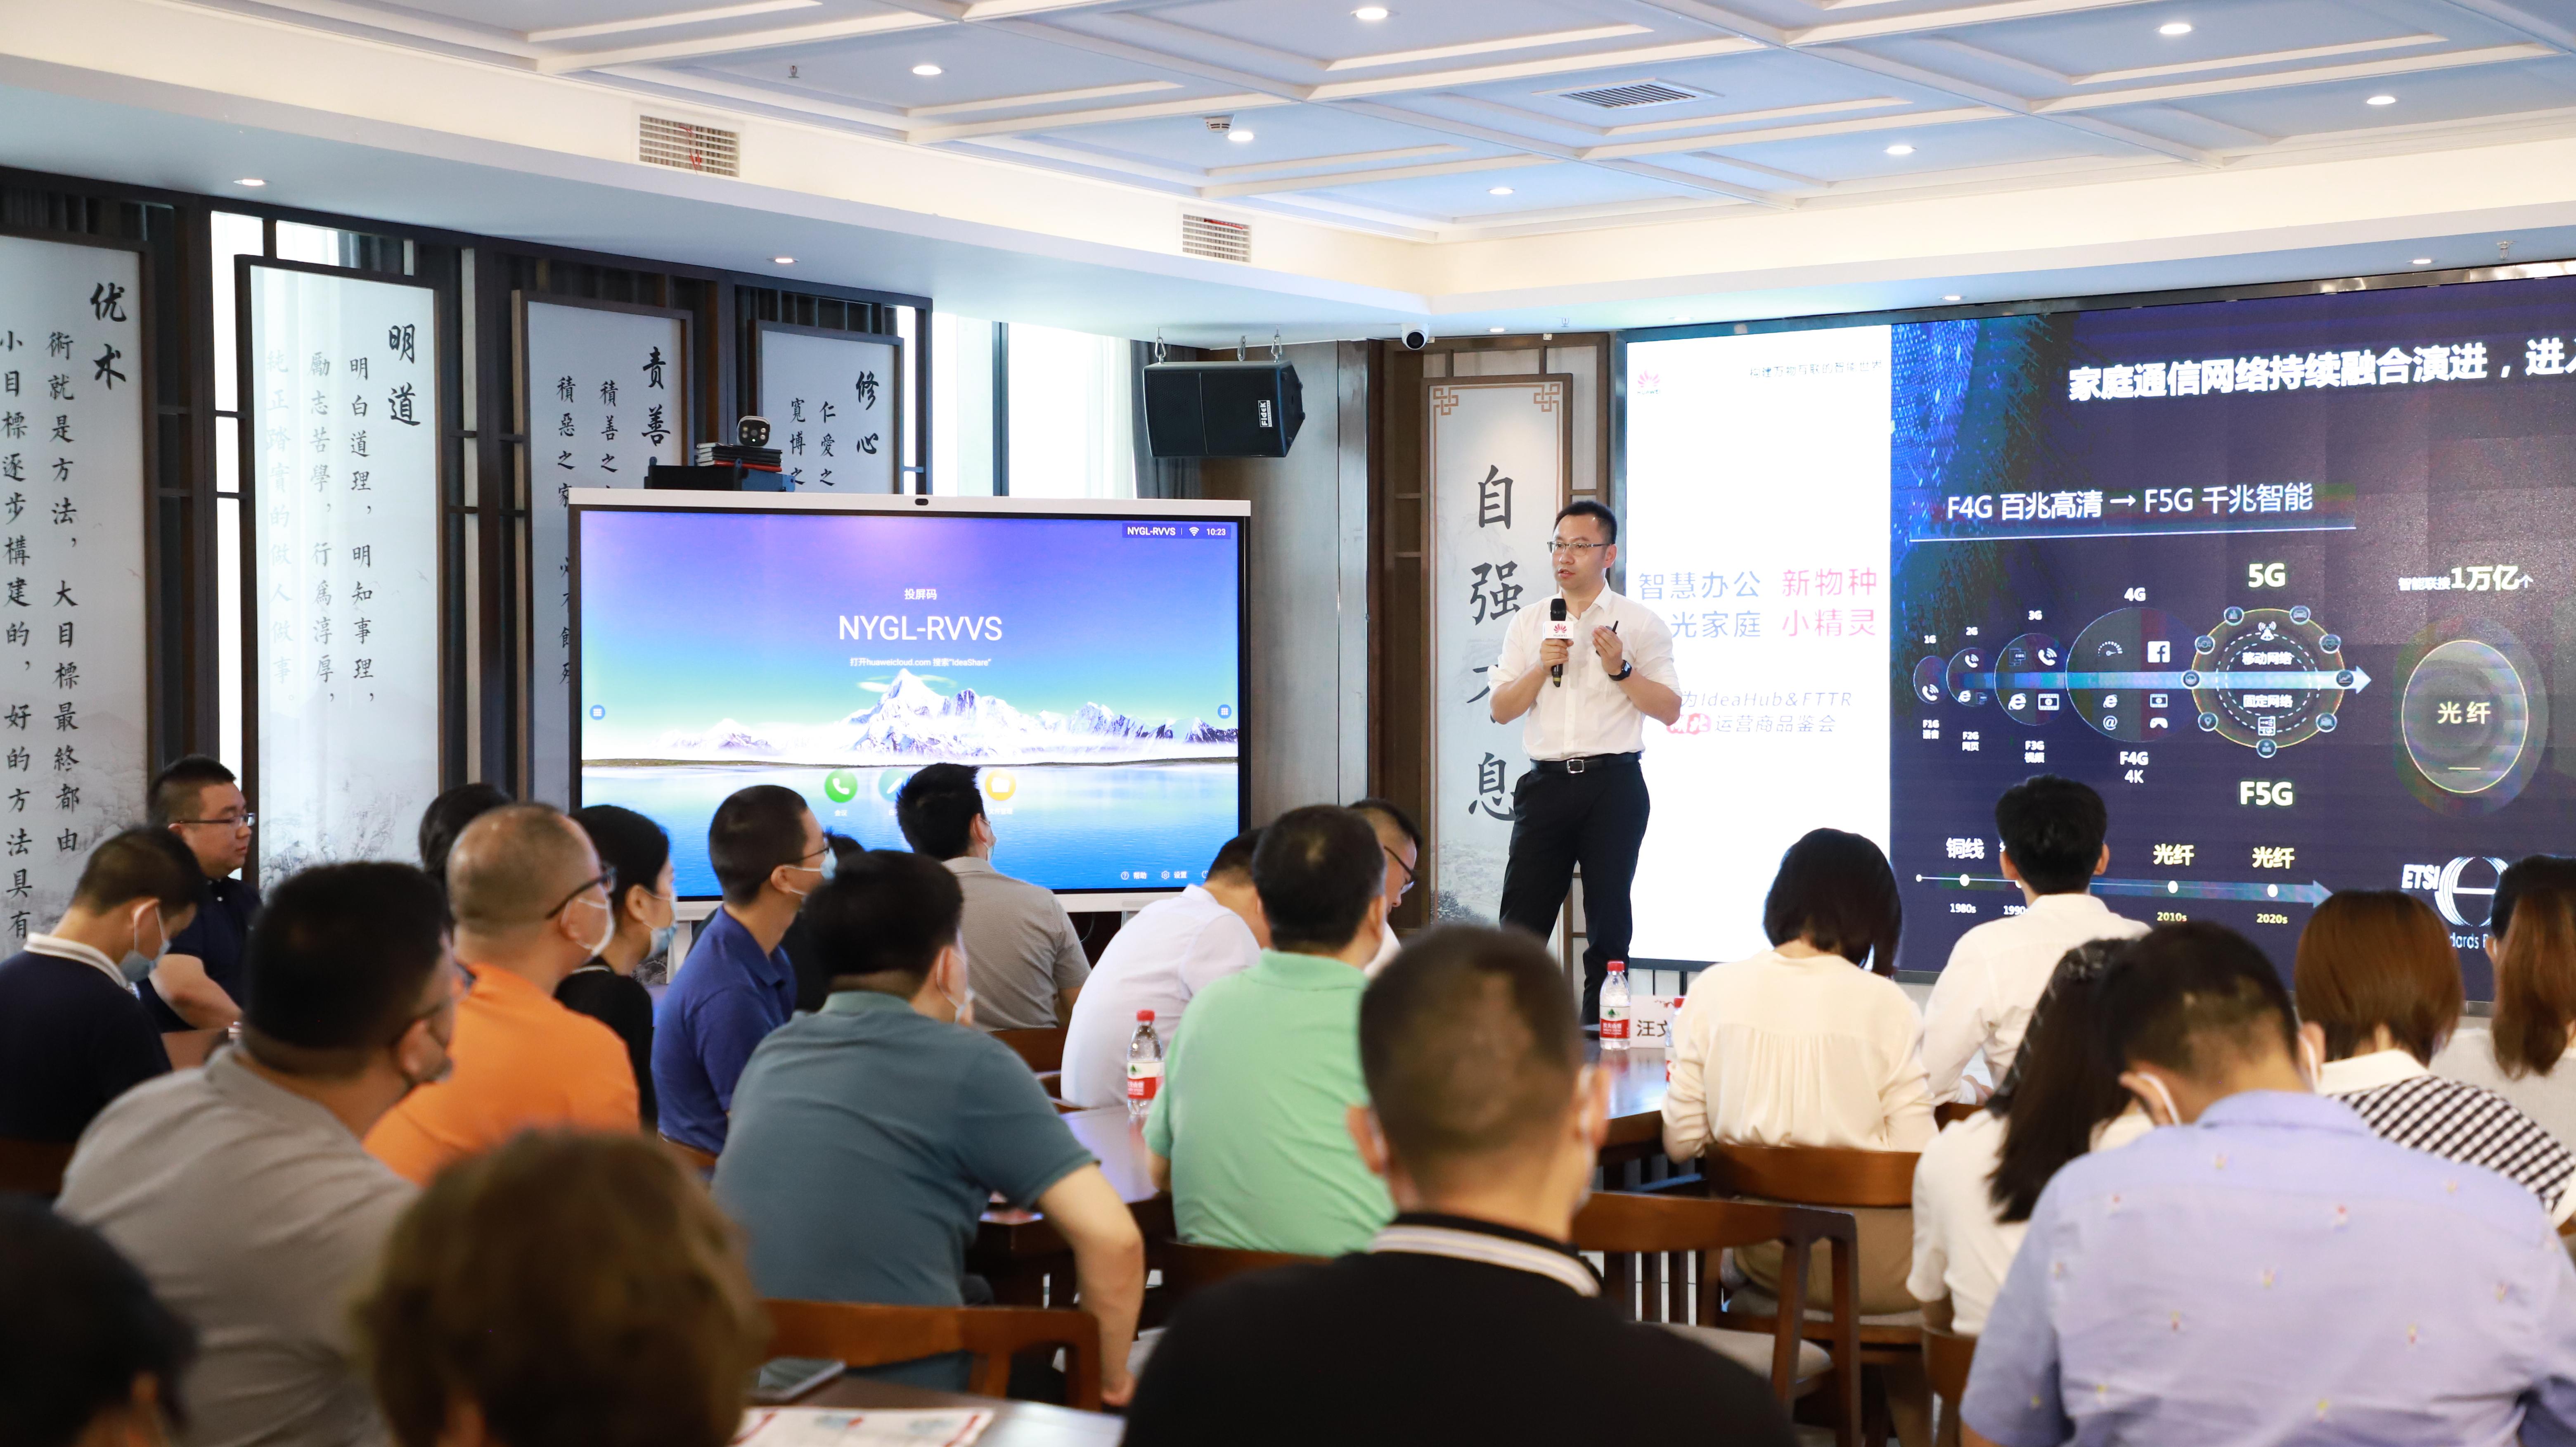 华为智能协作夏季发布会武汉分会场在明德书院武汉国学馆成功举办